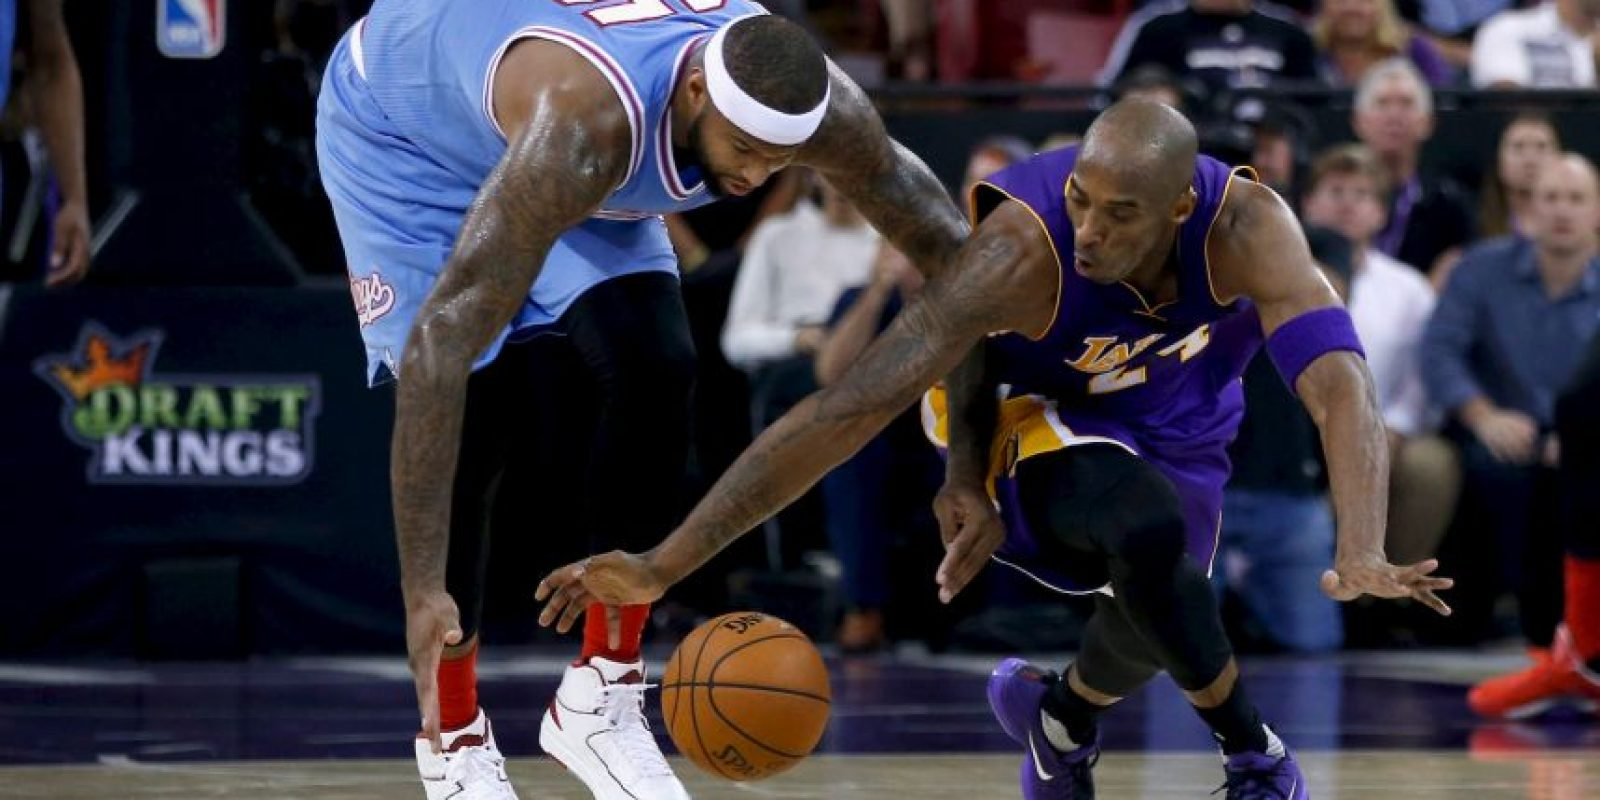 Es, junto con Tim Duncan, el basquetbolista en activo que tiene más anillos de campeón de la NBA Foto:Getty Images